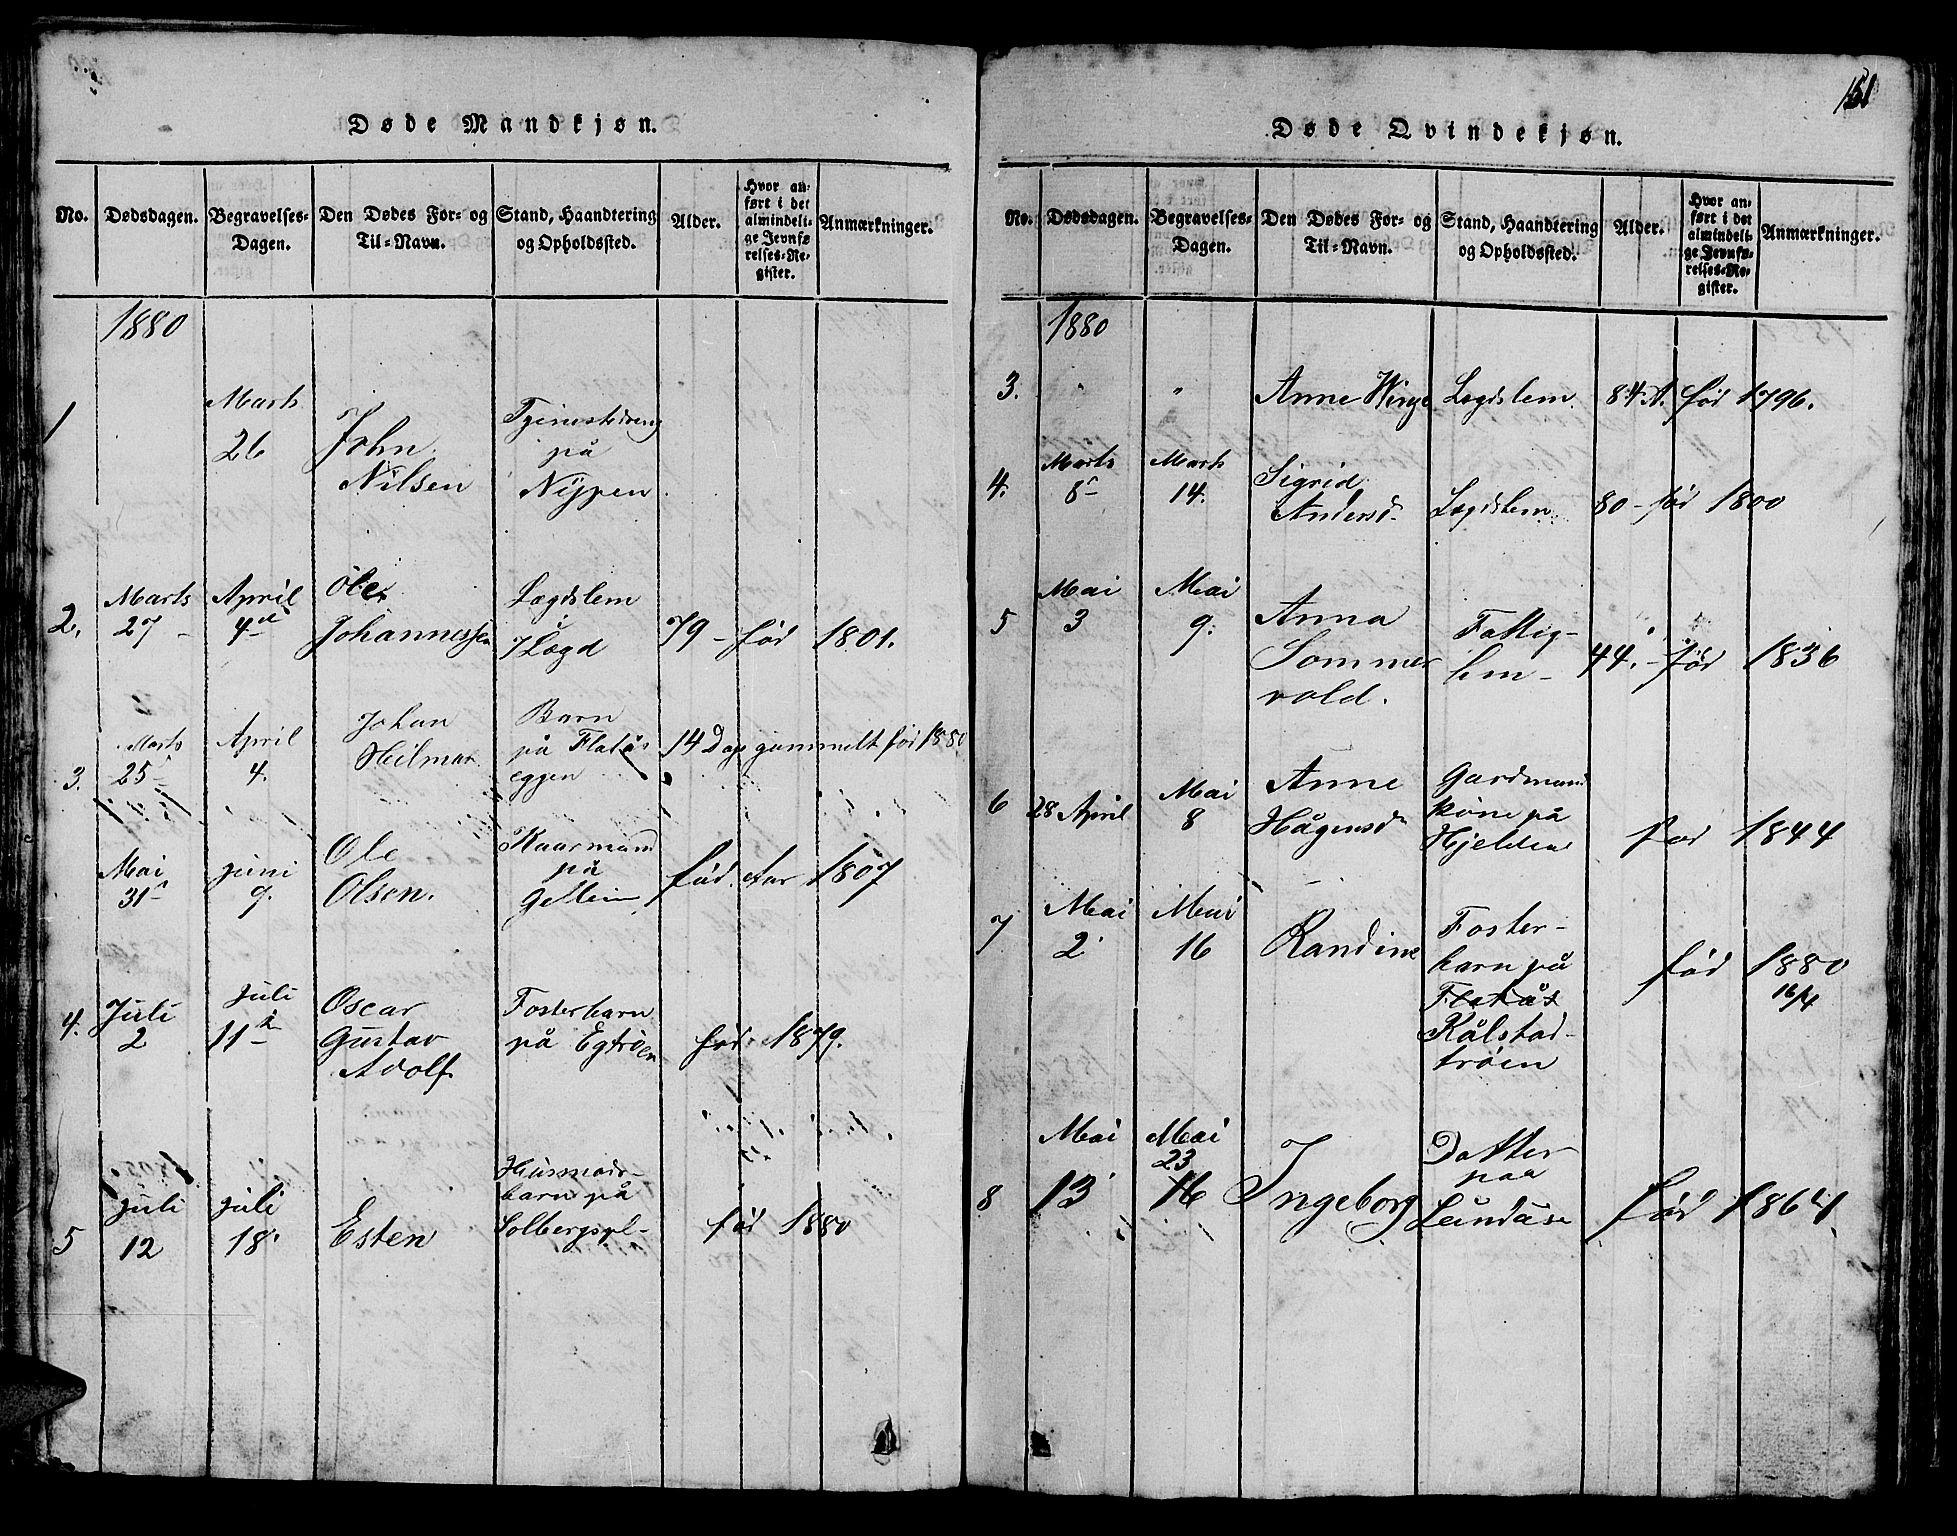 SAT, Ministerialprotokoller, klokkerbøker og fødselsregistre - Sør-Trøndelag, 613/L0393: Klokkerbok nr. 613C01, 1816-1886, s. 151